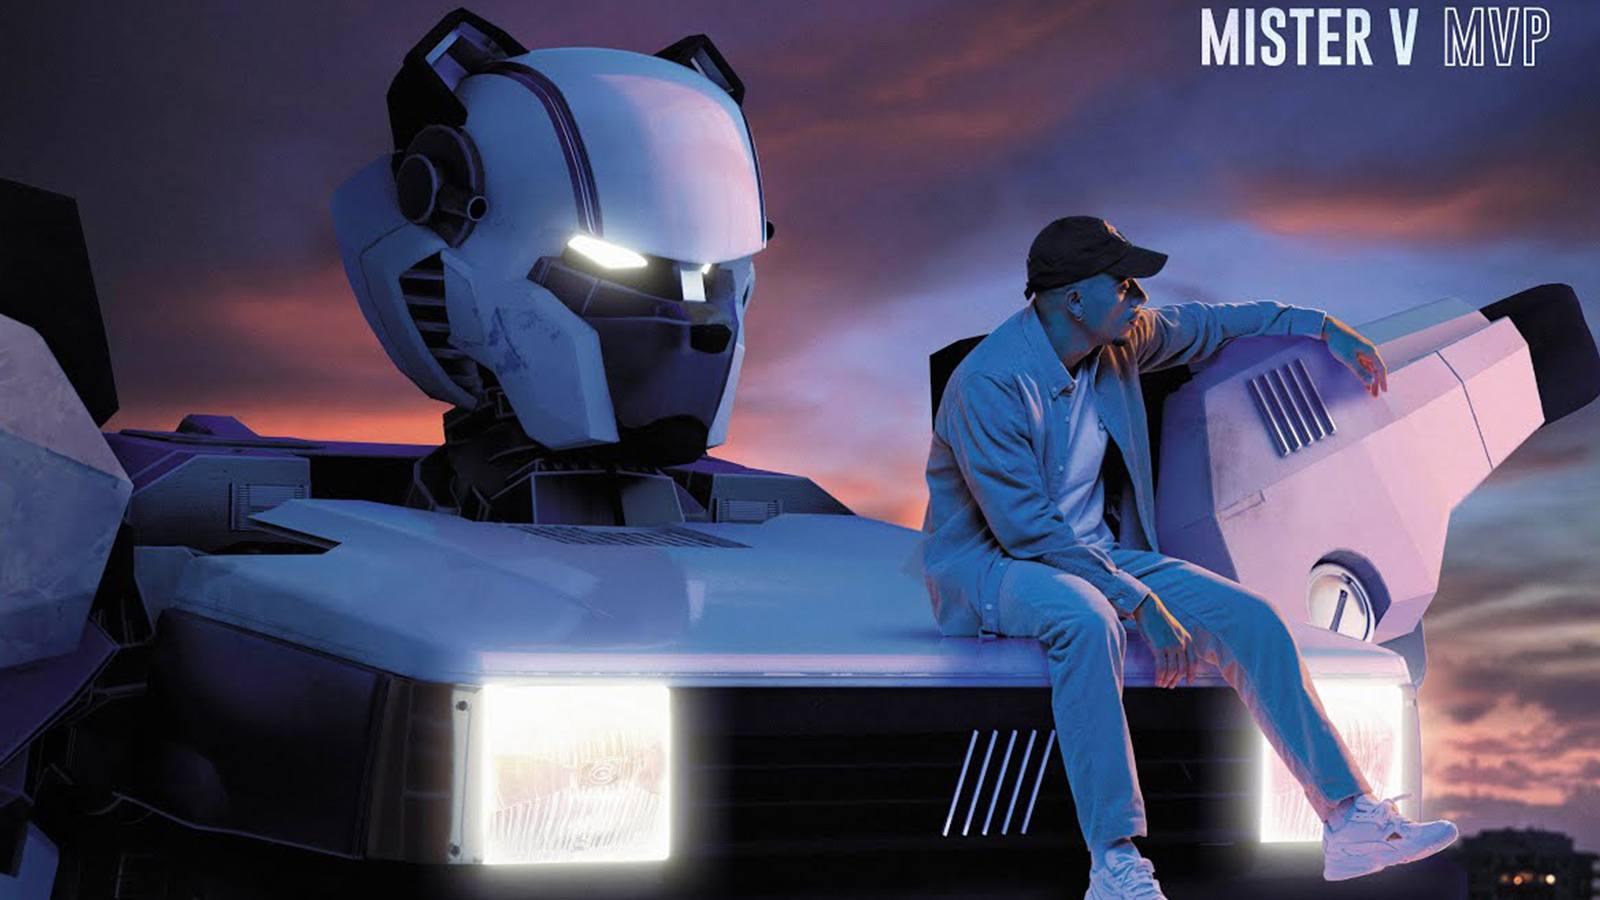 Cover officielle de l'album MVP de Mister V